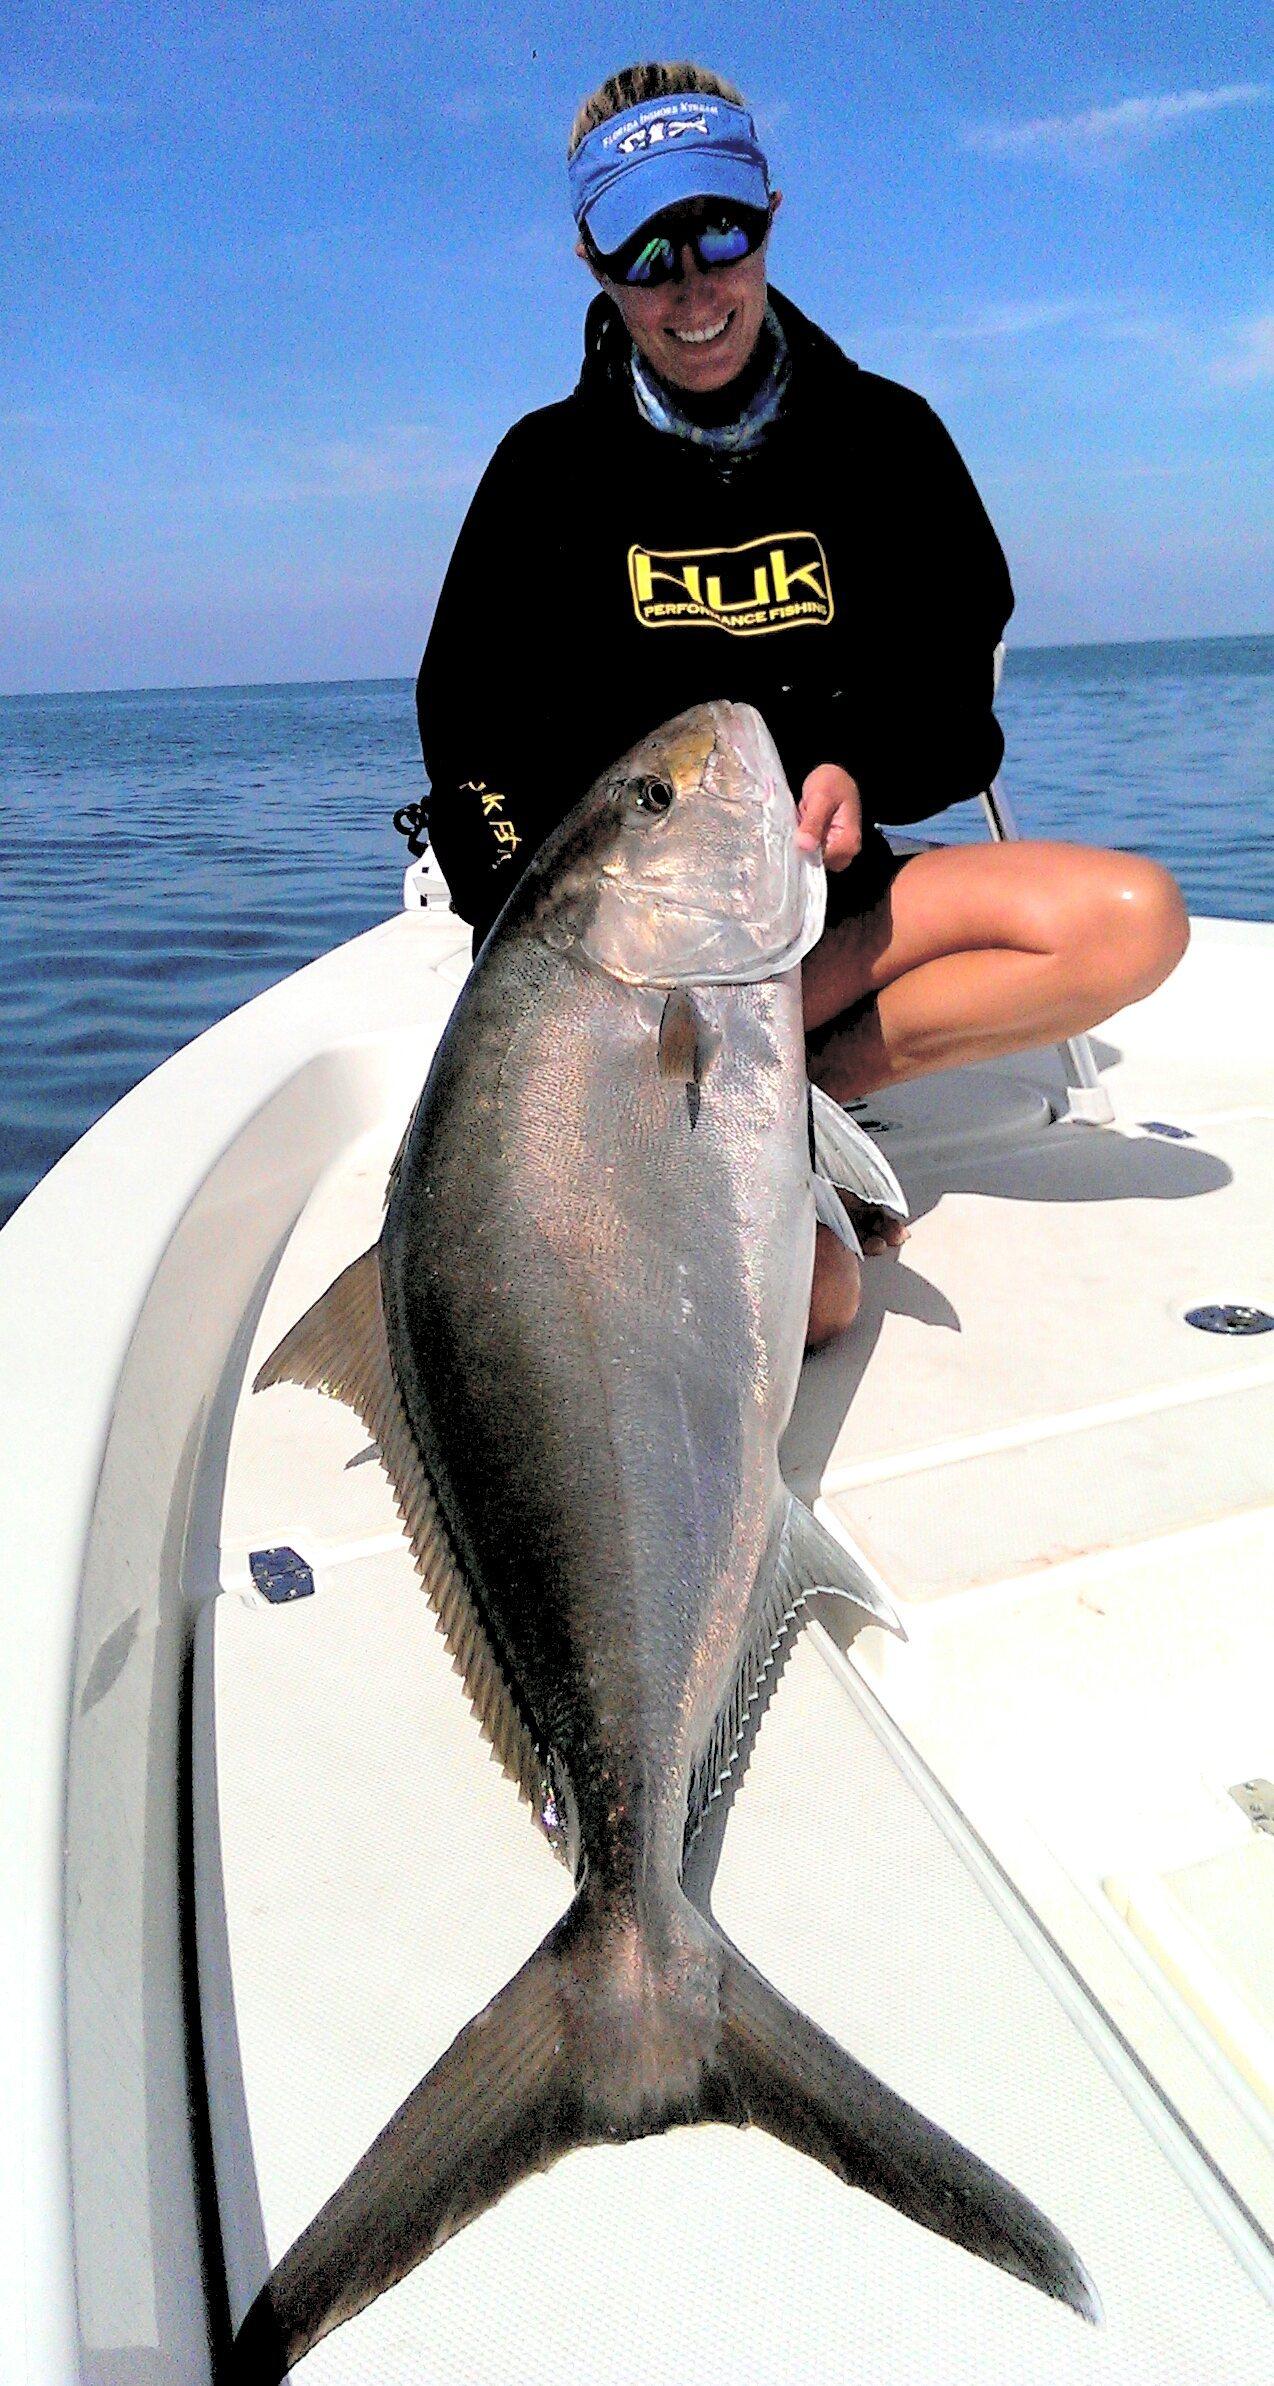 Florida Inshore Xtream Charters: Near Shore Fishing Trip